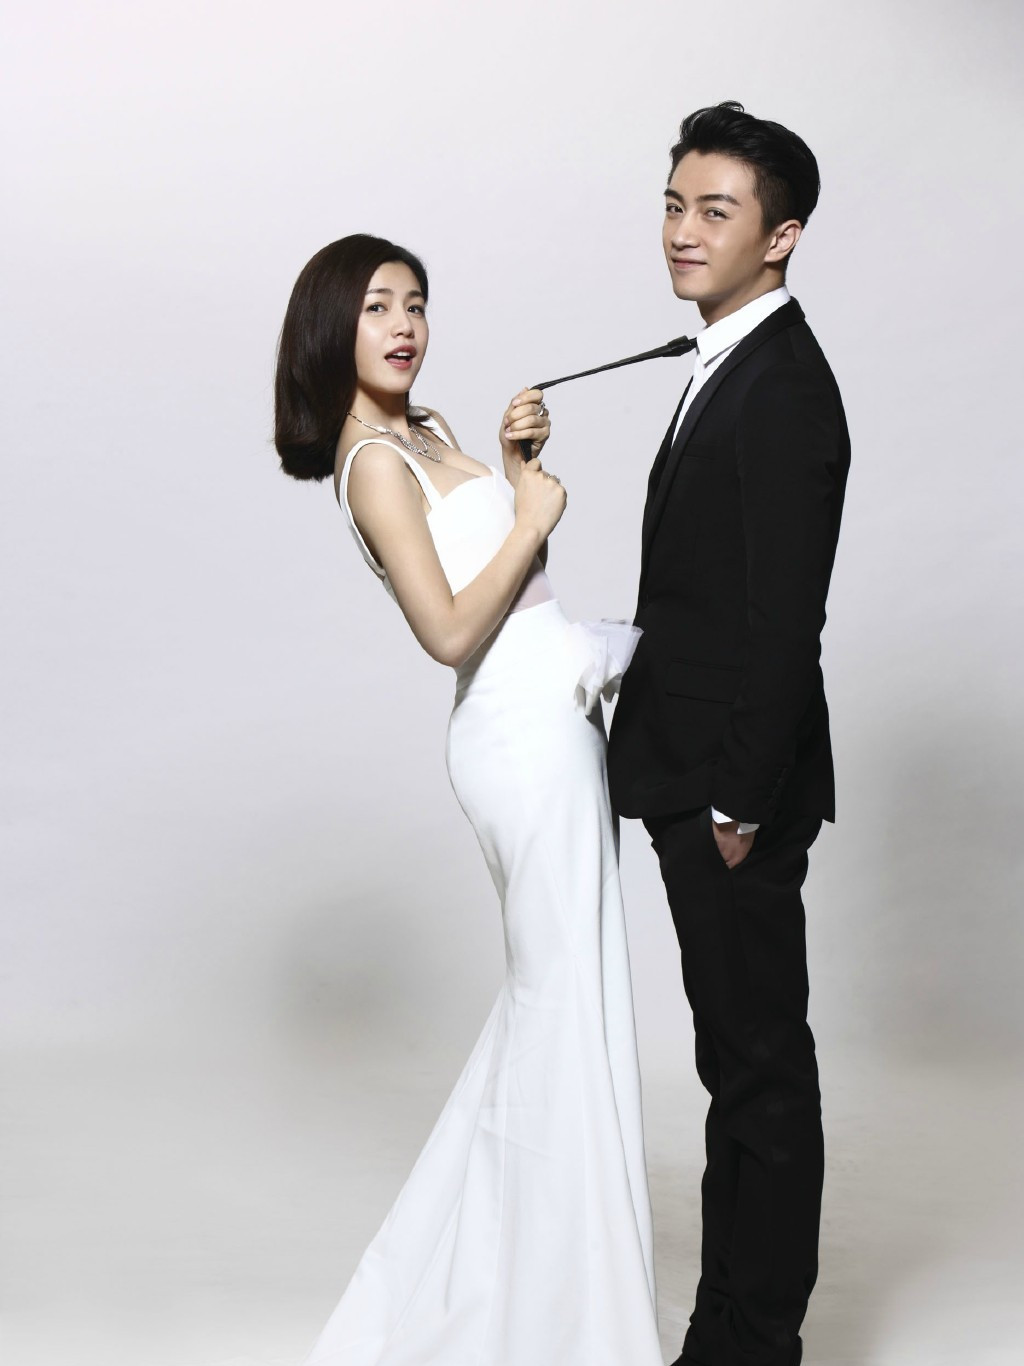 陈妍希谈和陈晓的夫妻相处之道 陈妍希和陈晓是什么时候谈恋爱的